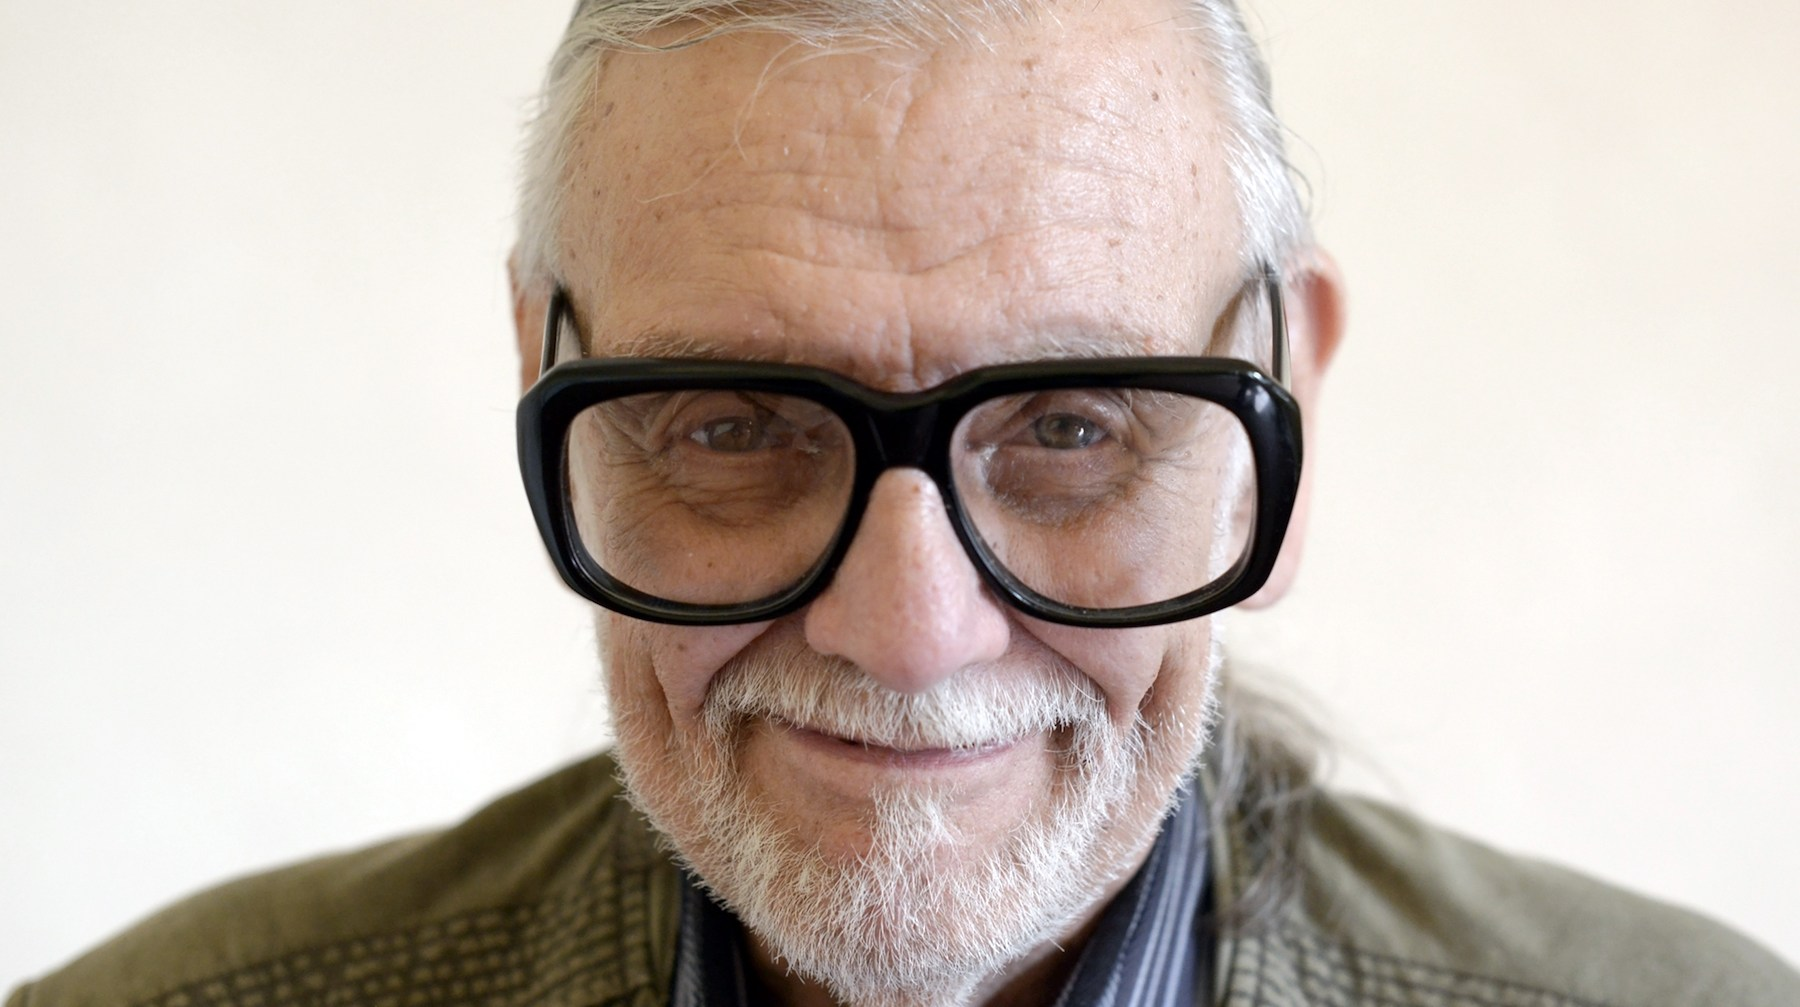 George A. Romero dies at 77